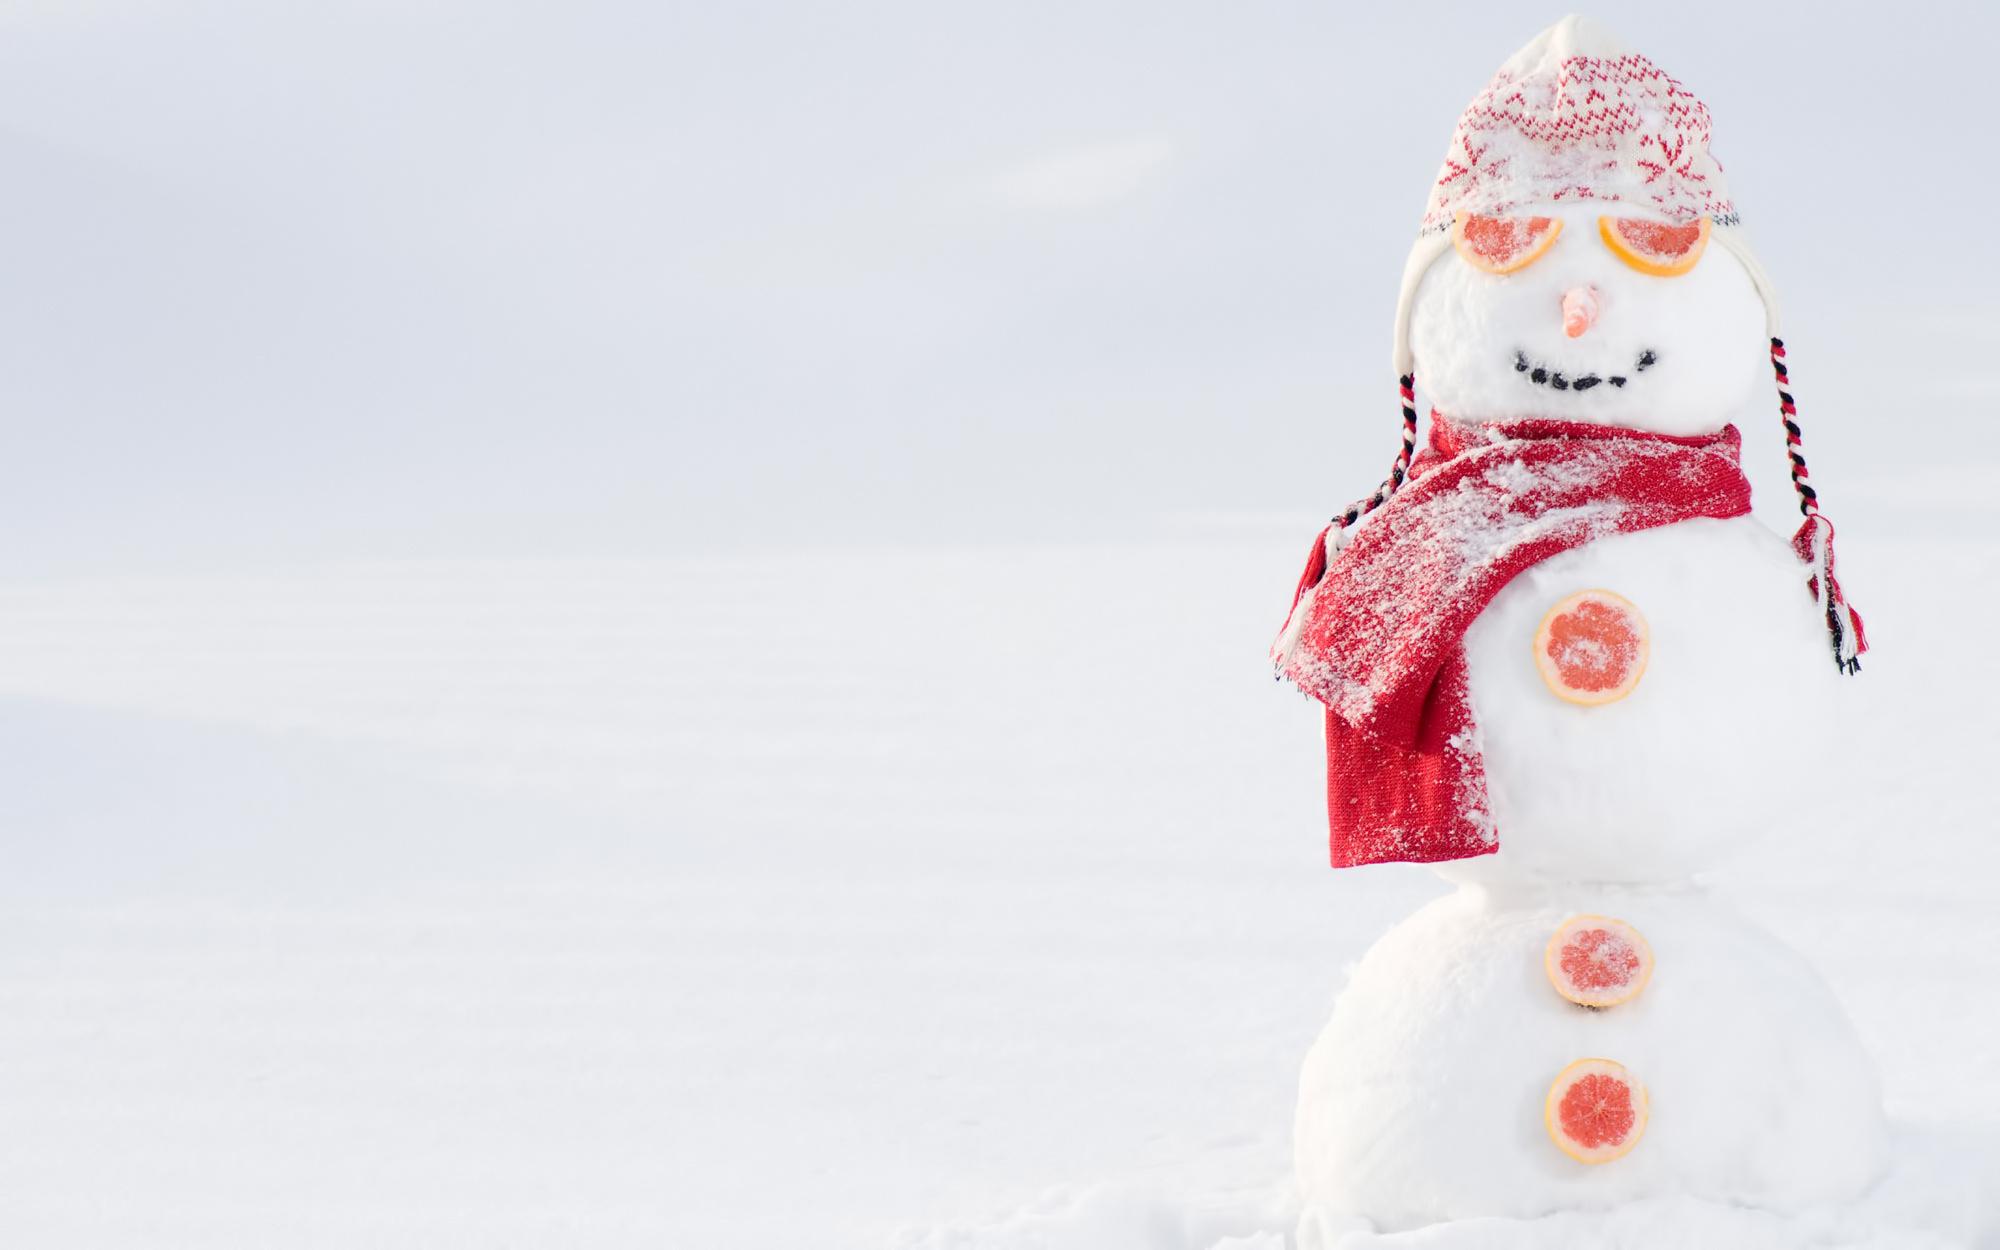 Снеговики на Новый год 2020 на рабочий стол